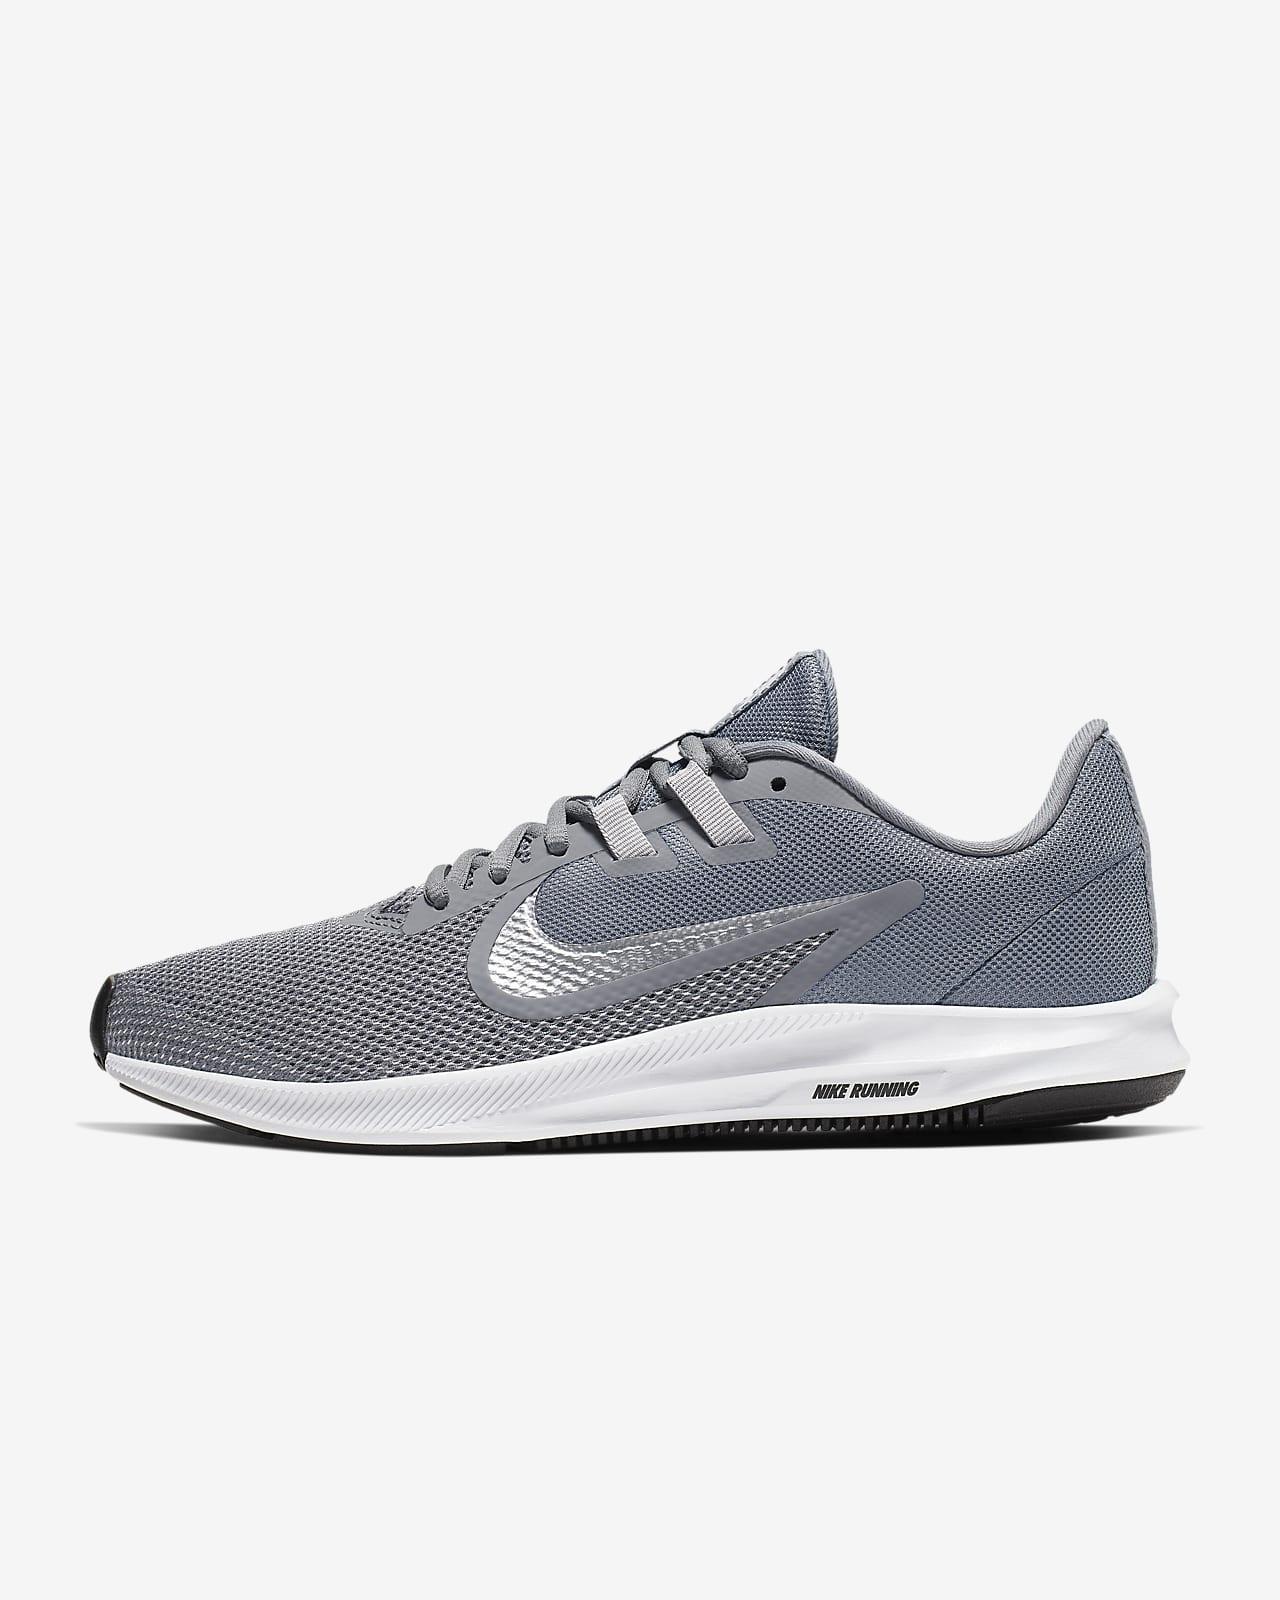 Nike Downshifter 9 Women S Running Shoe